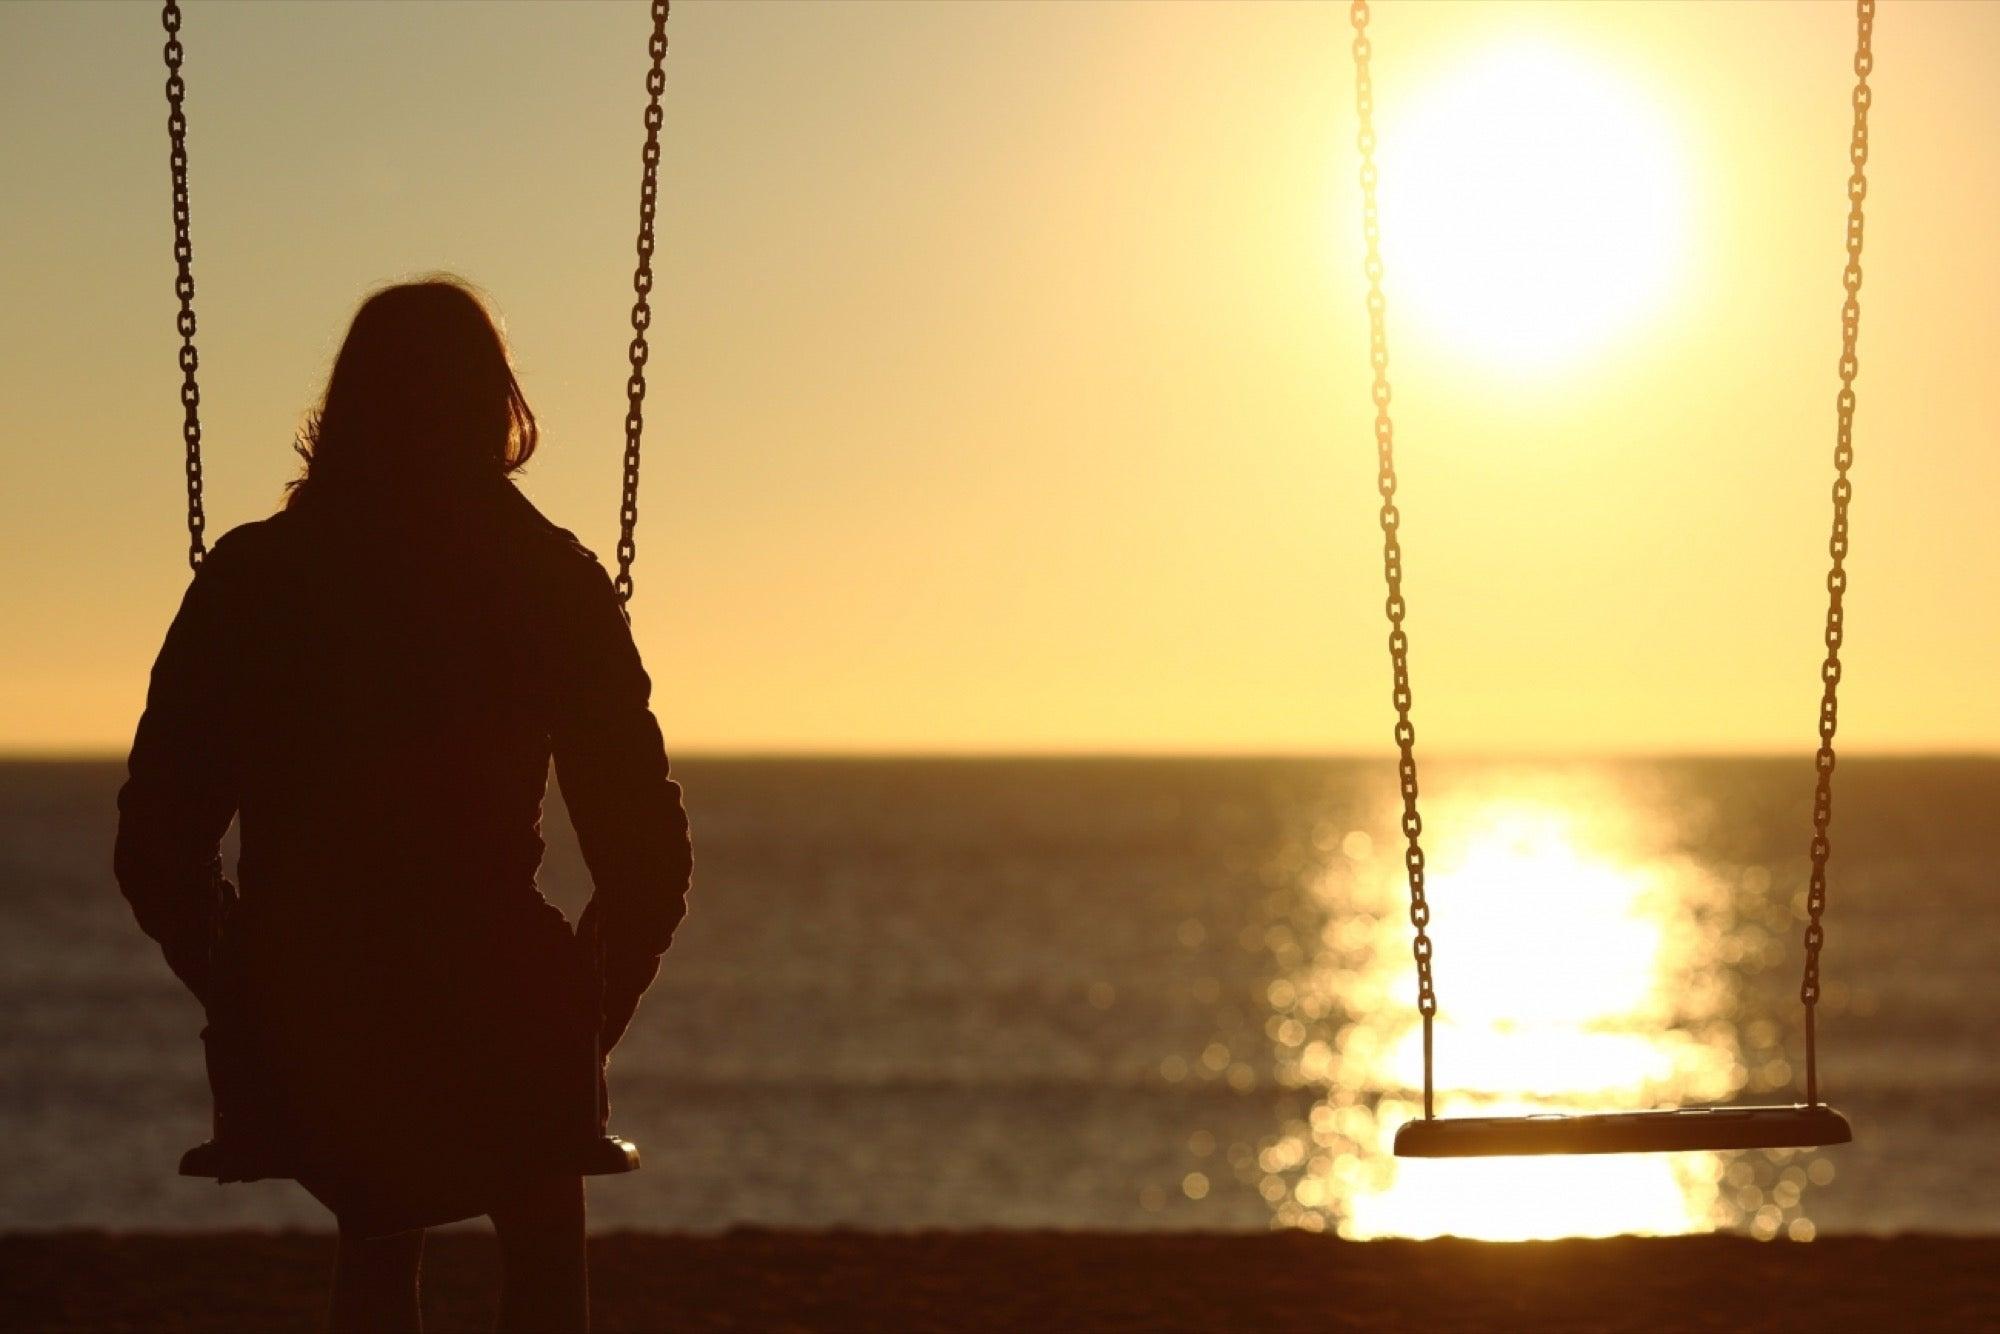 الخروج من الحزن والشعور بالراحة والامان